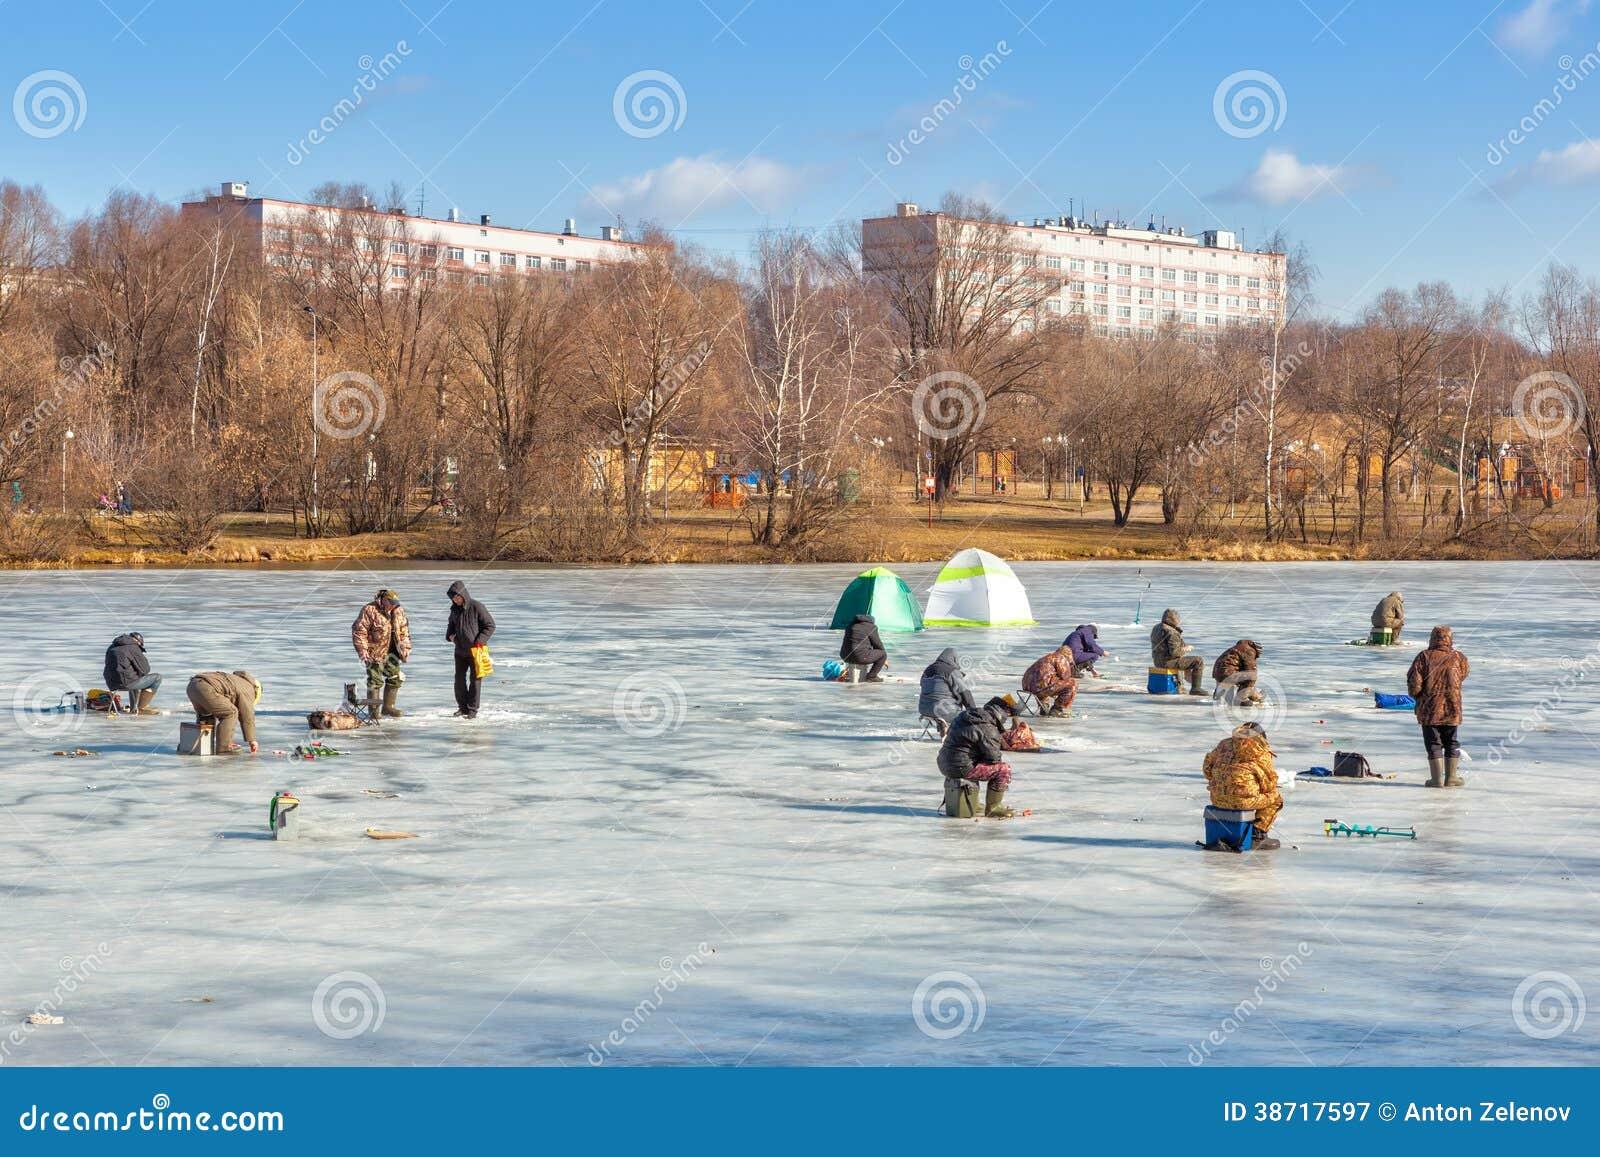 Rybacy siedzi i chodzi na lodzie